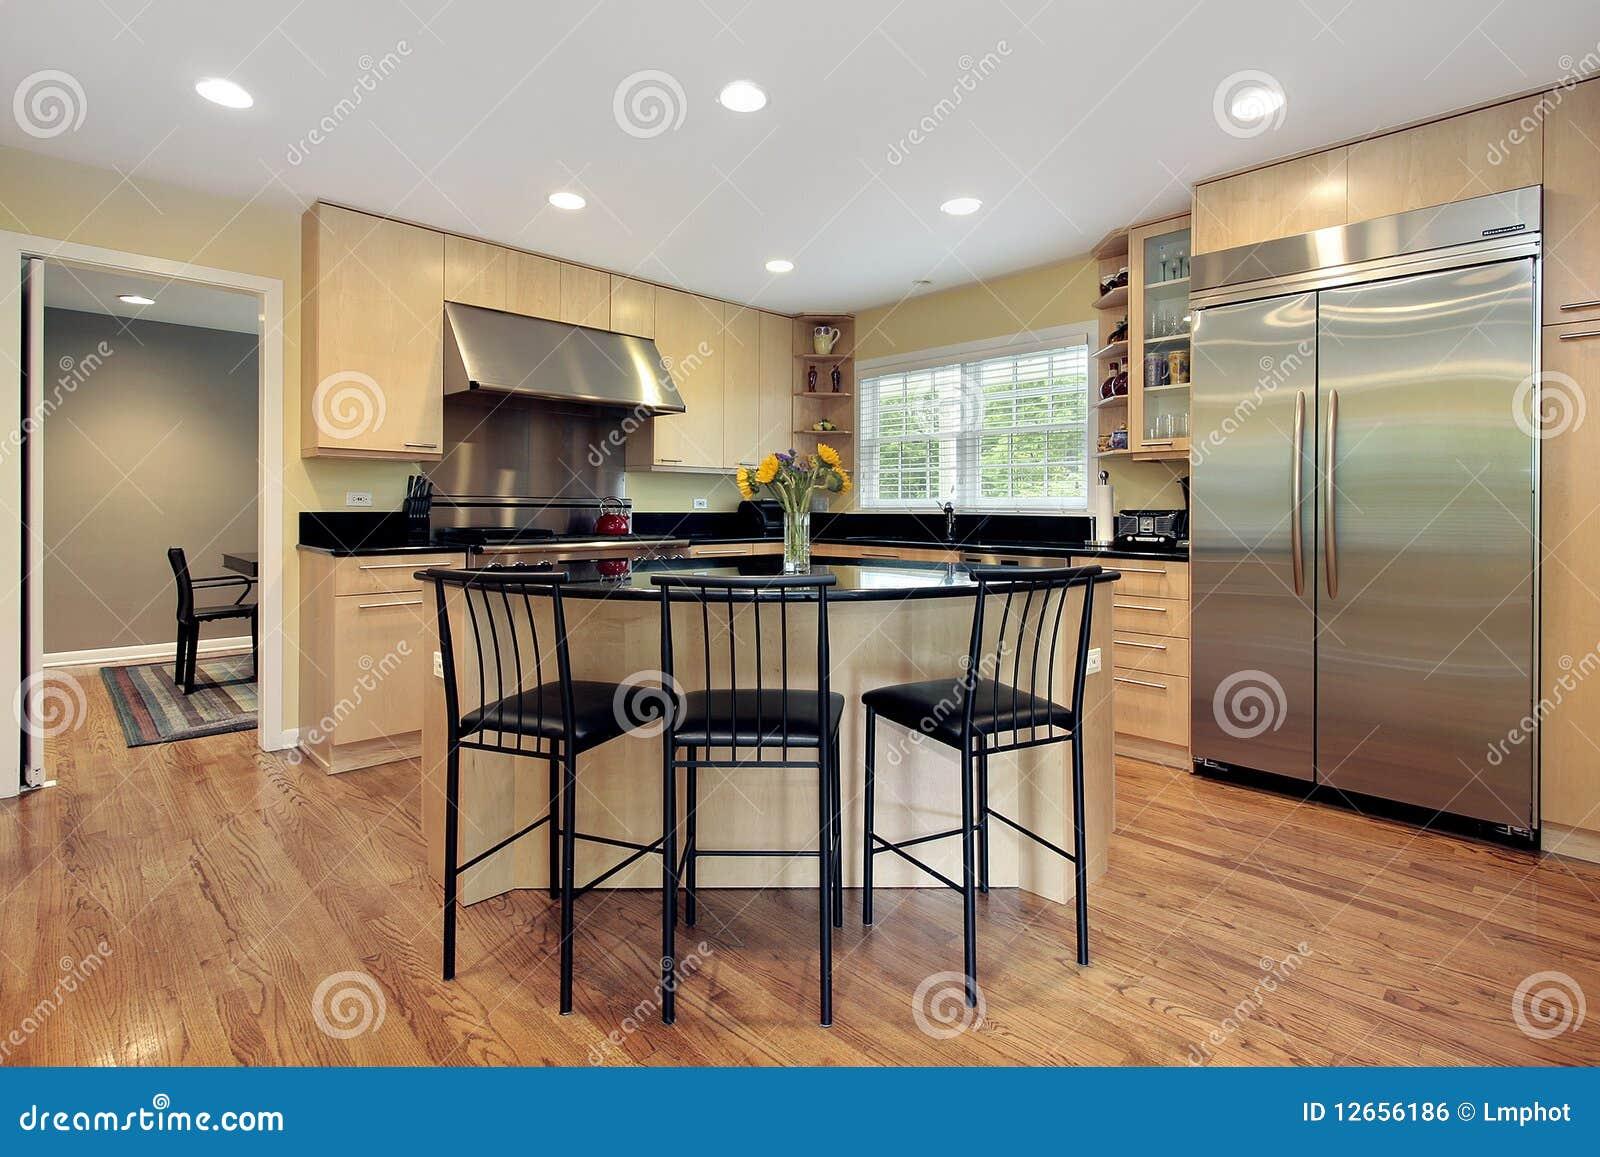 Küche Mit Insel Und Schemeln Stockfoto - Bild von schrank, upscale ...